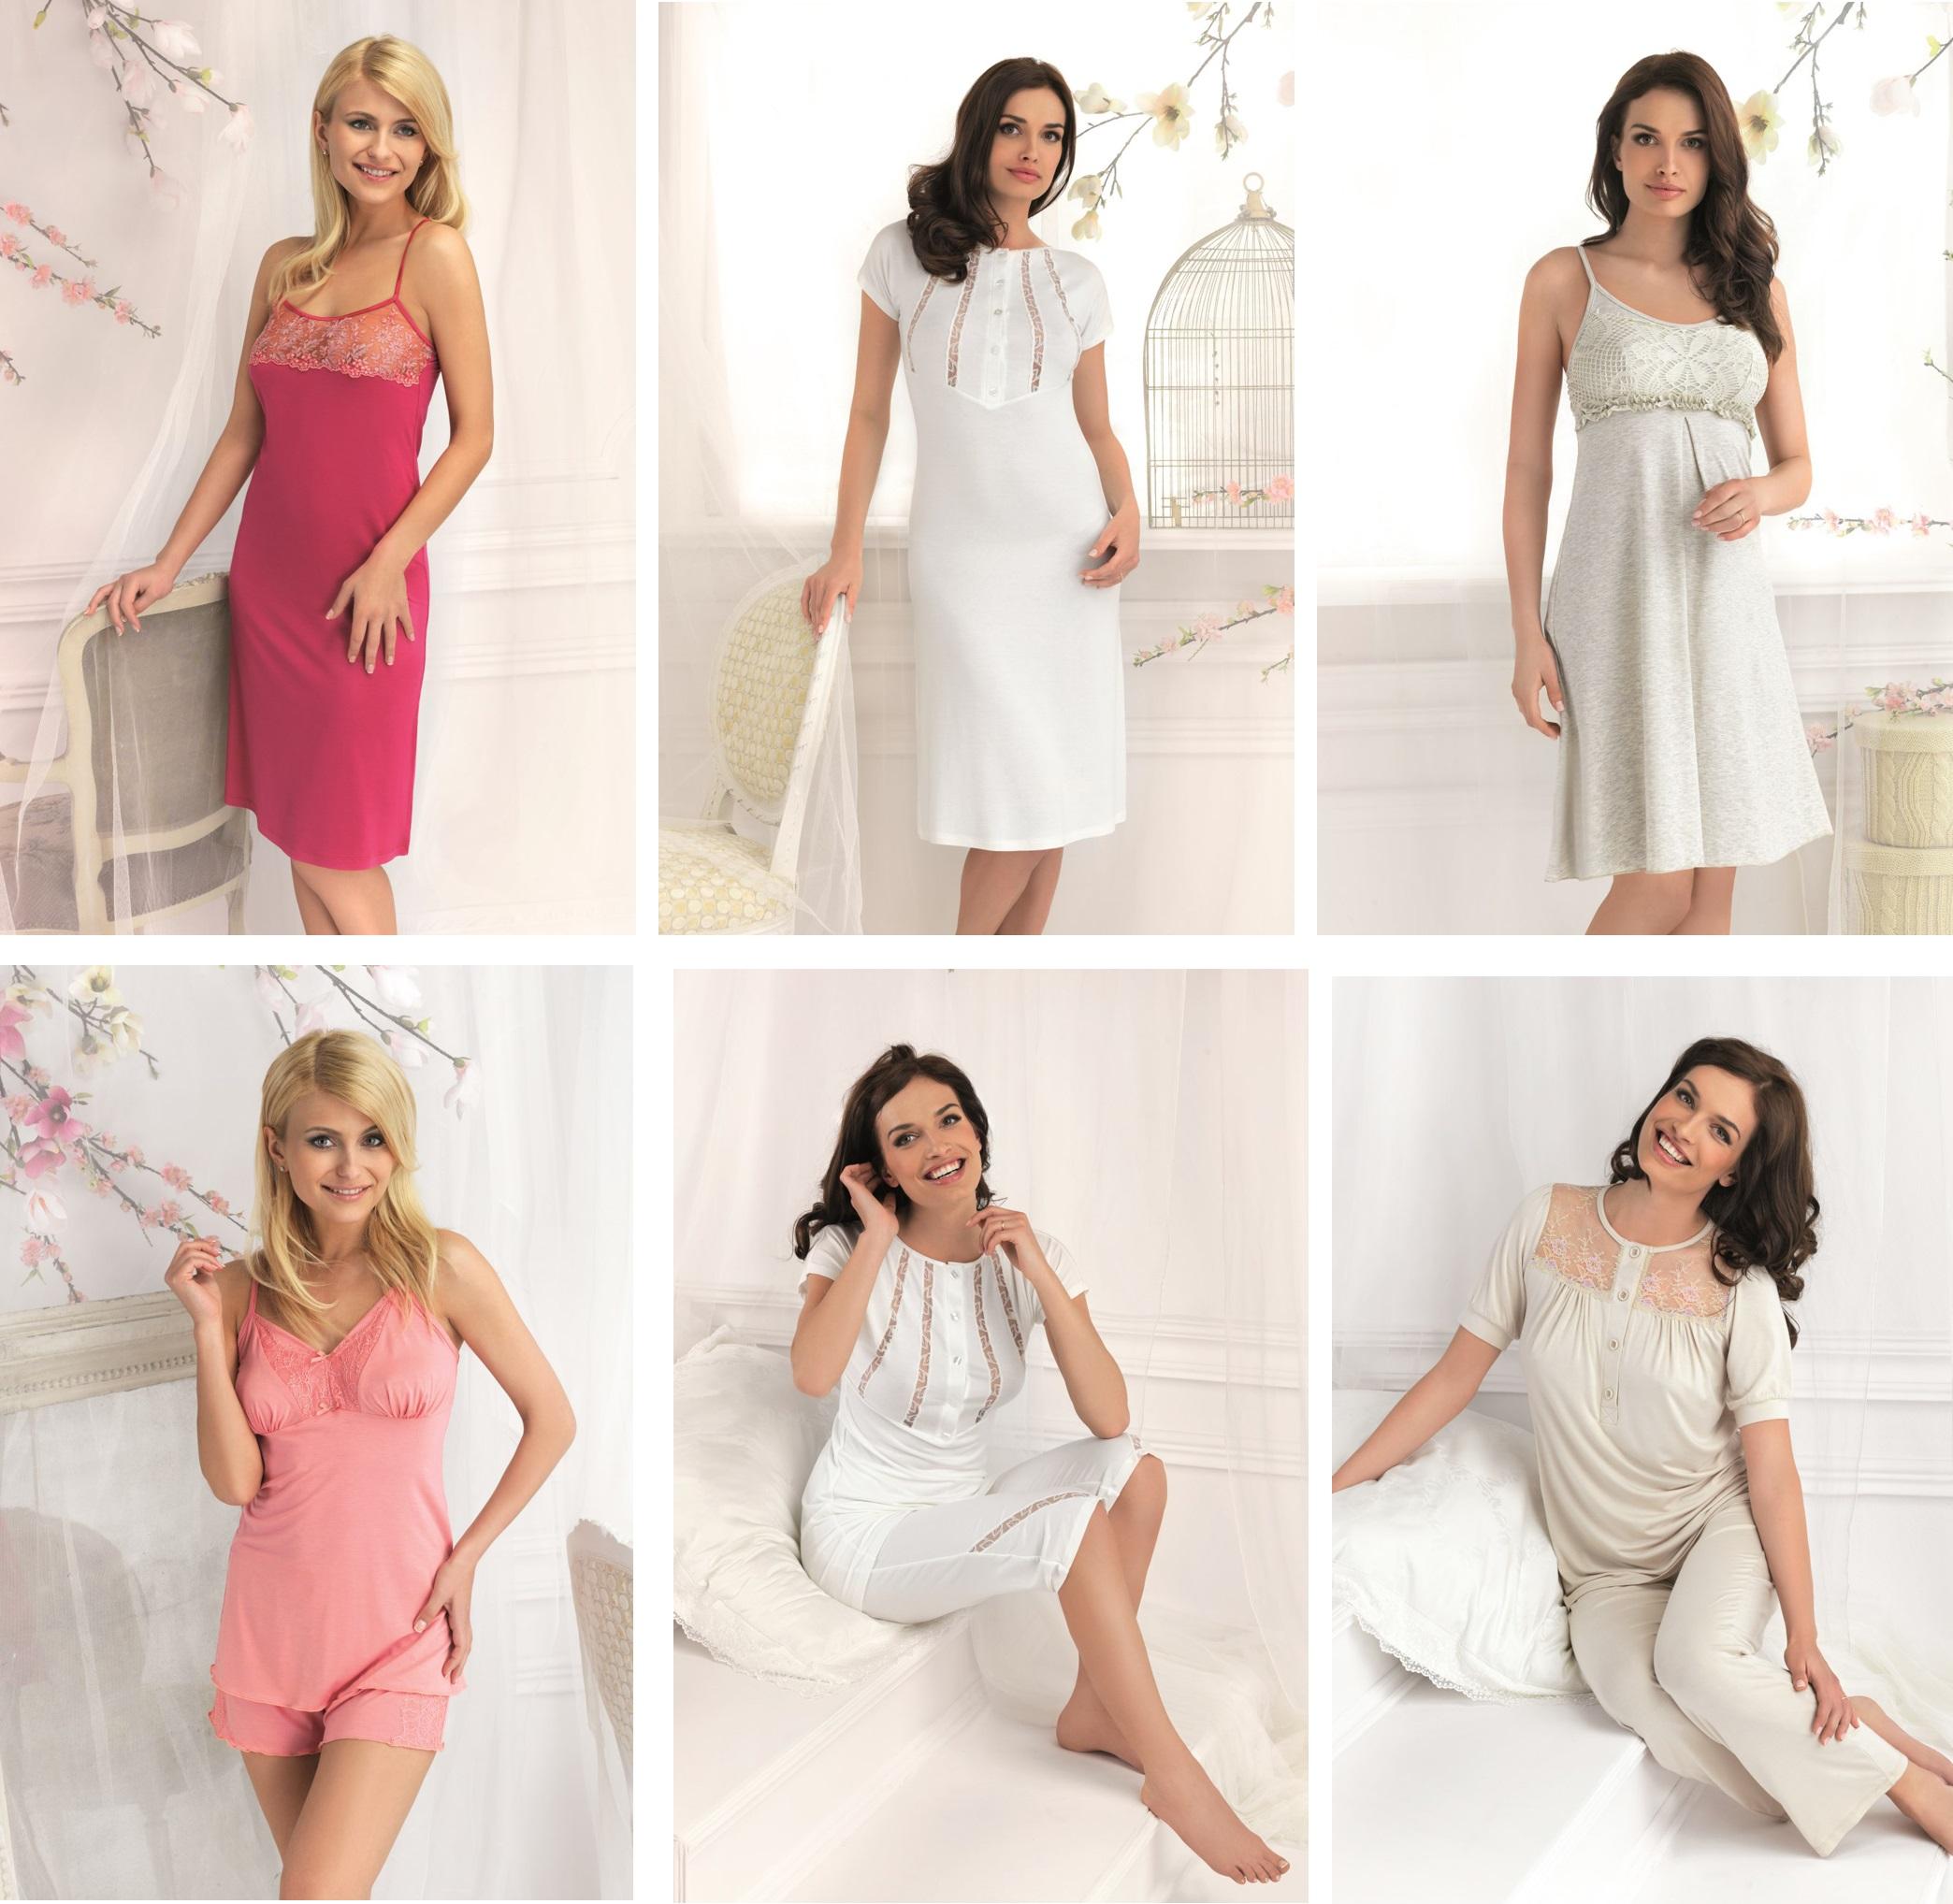 ddd2c10d2f79c Женские сорочки пижамы халаты Vanilla купить в интернет-магазине Киев